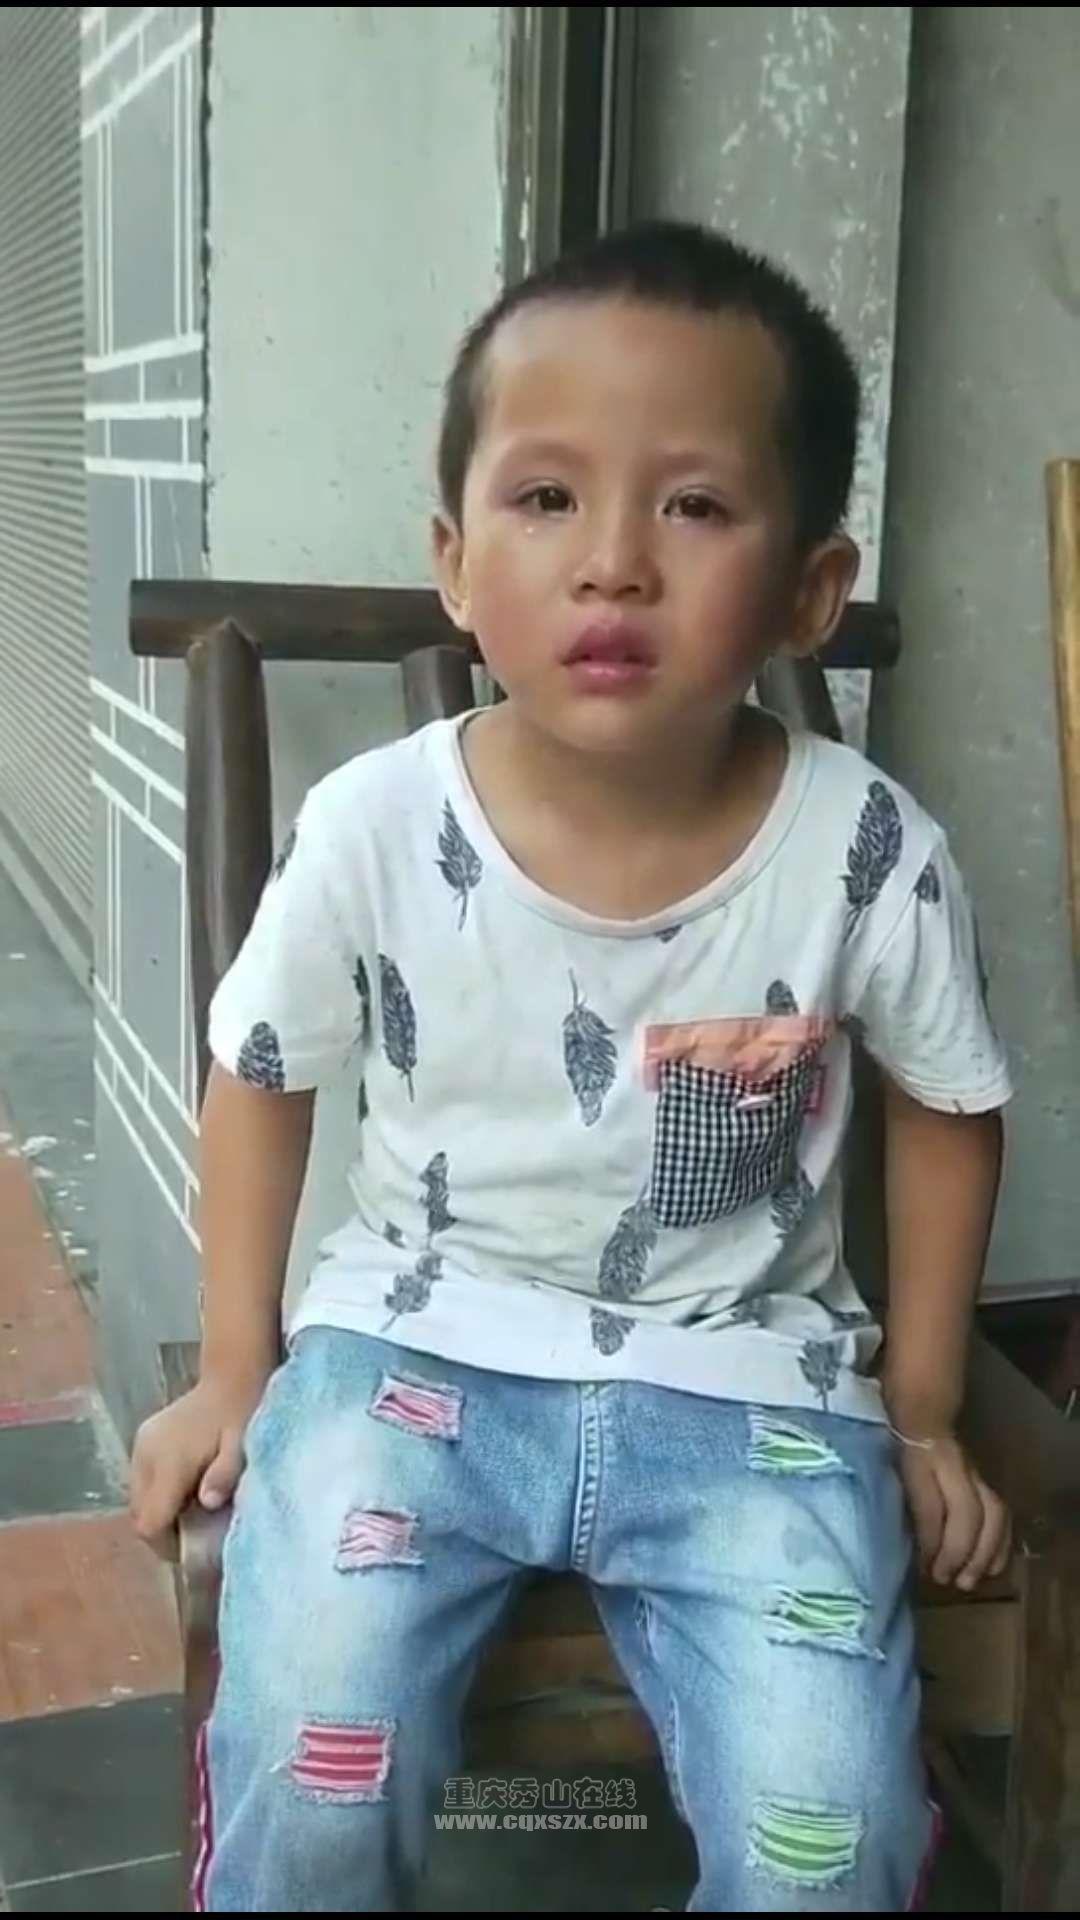 8.12日走丢一个小孩 请认识的人告知他的父母